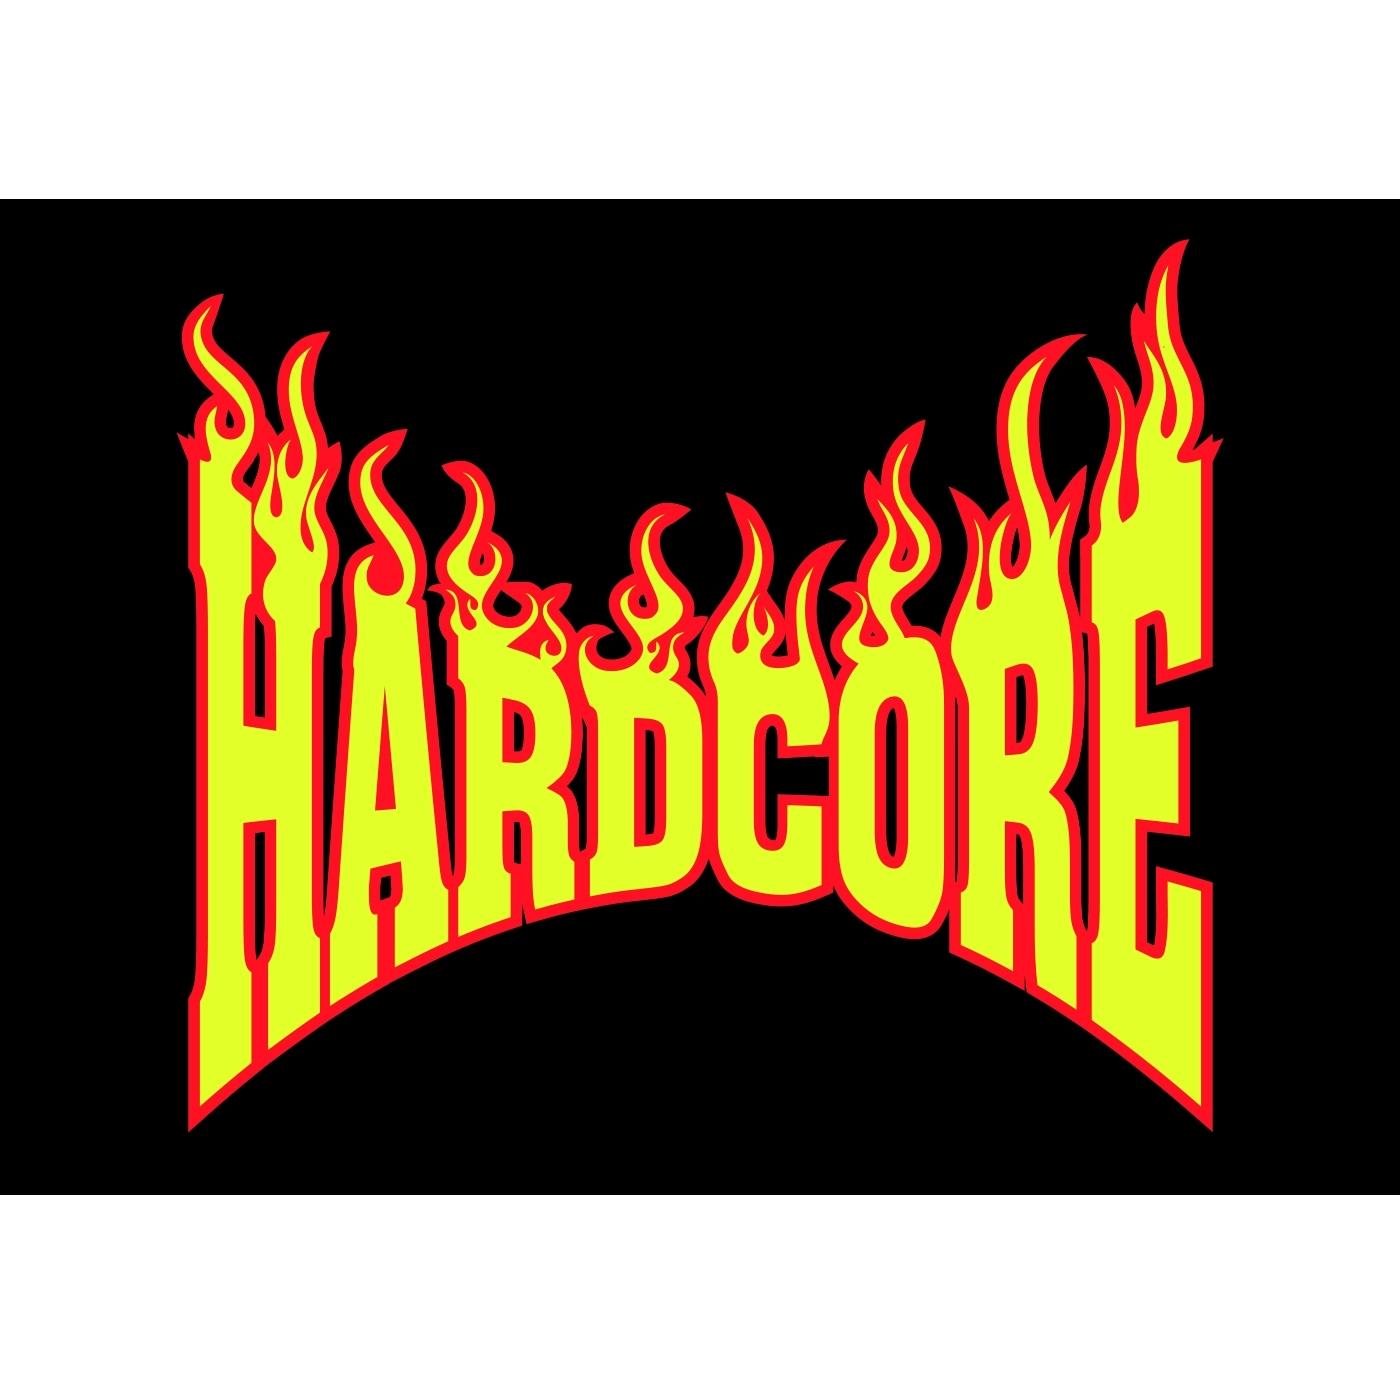 Hardcore Hardcore (electronic